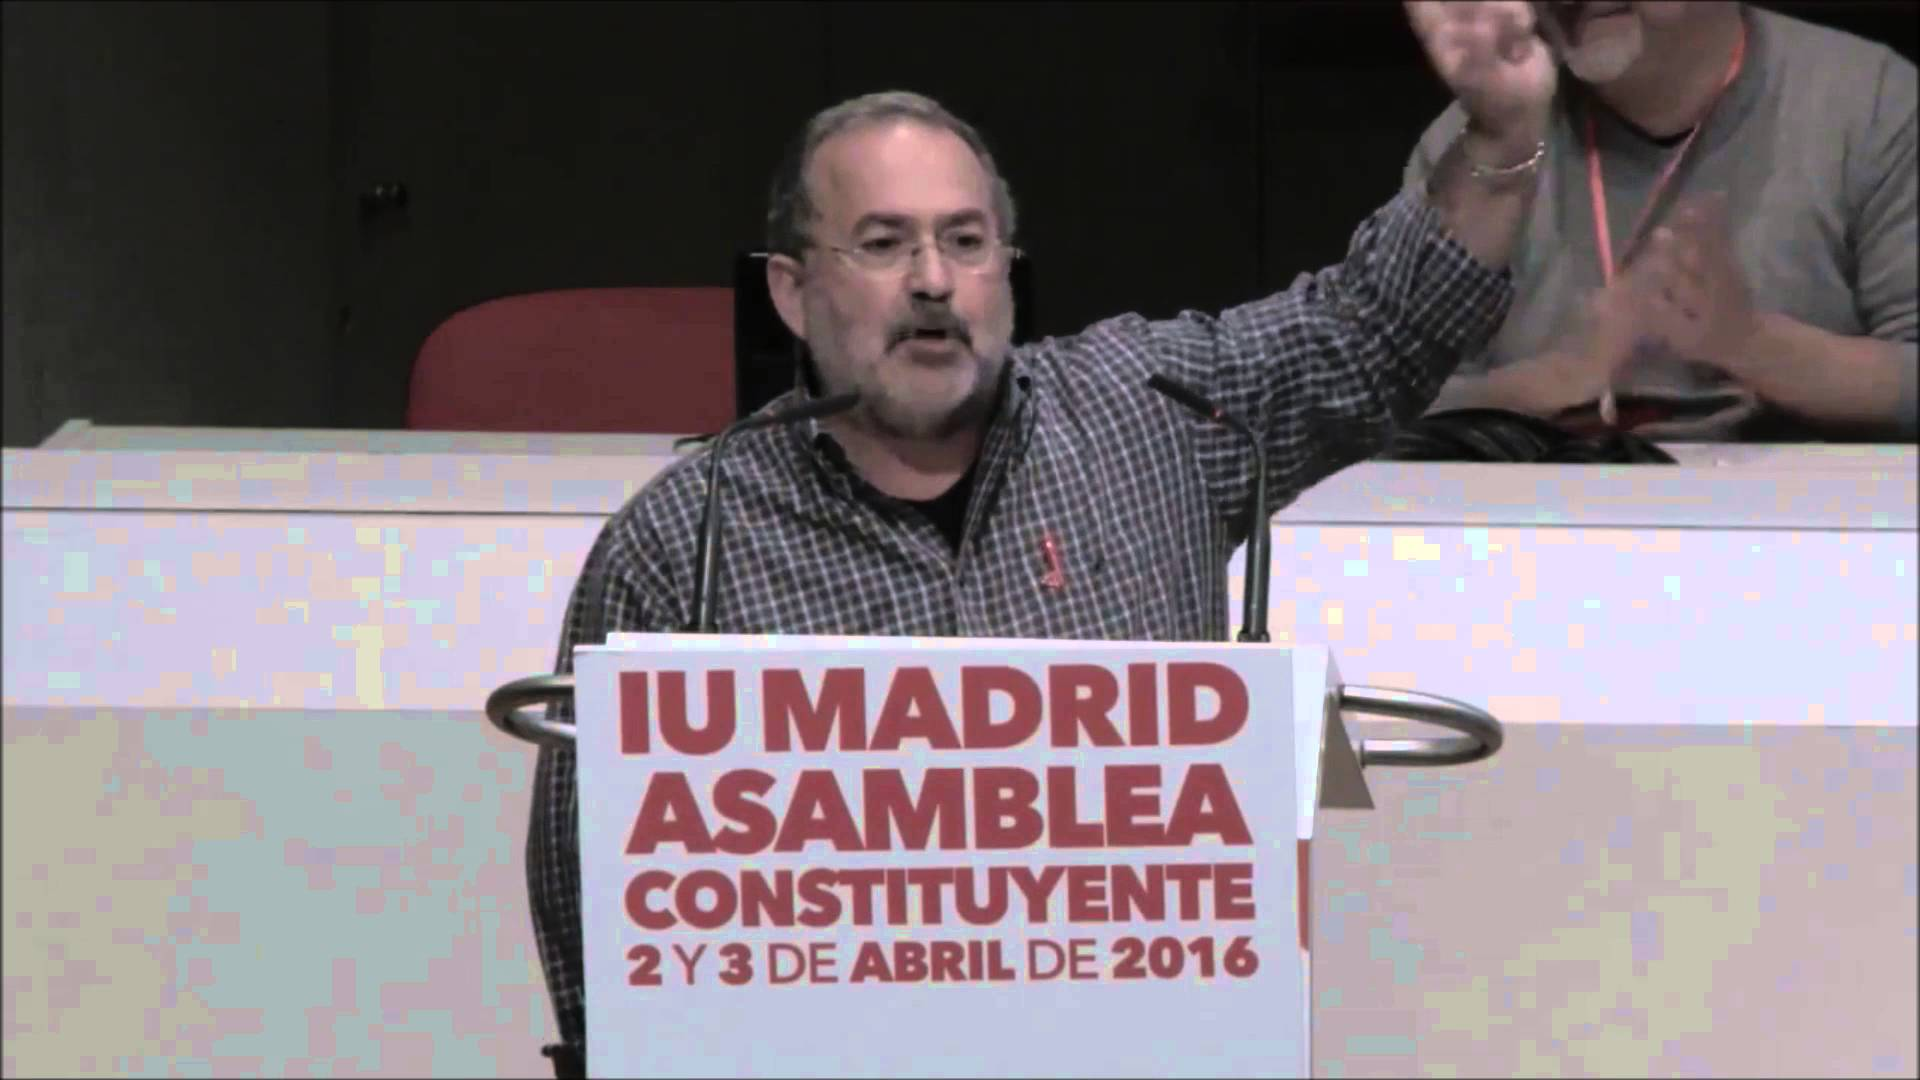 Intervención de Alberto Arregui en la Asamblea de IU Madrid